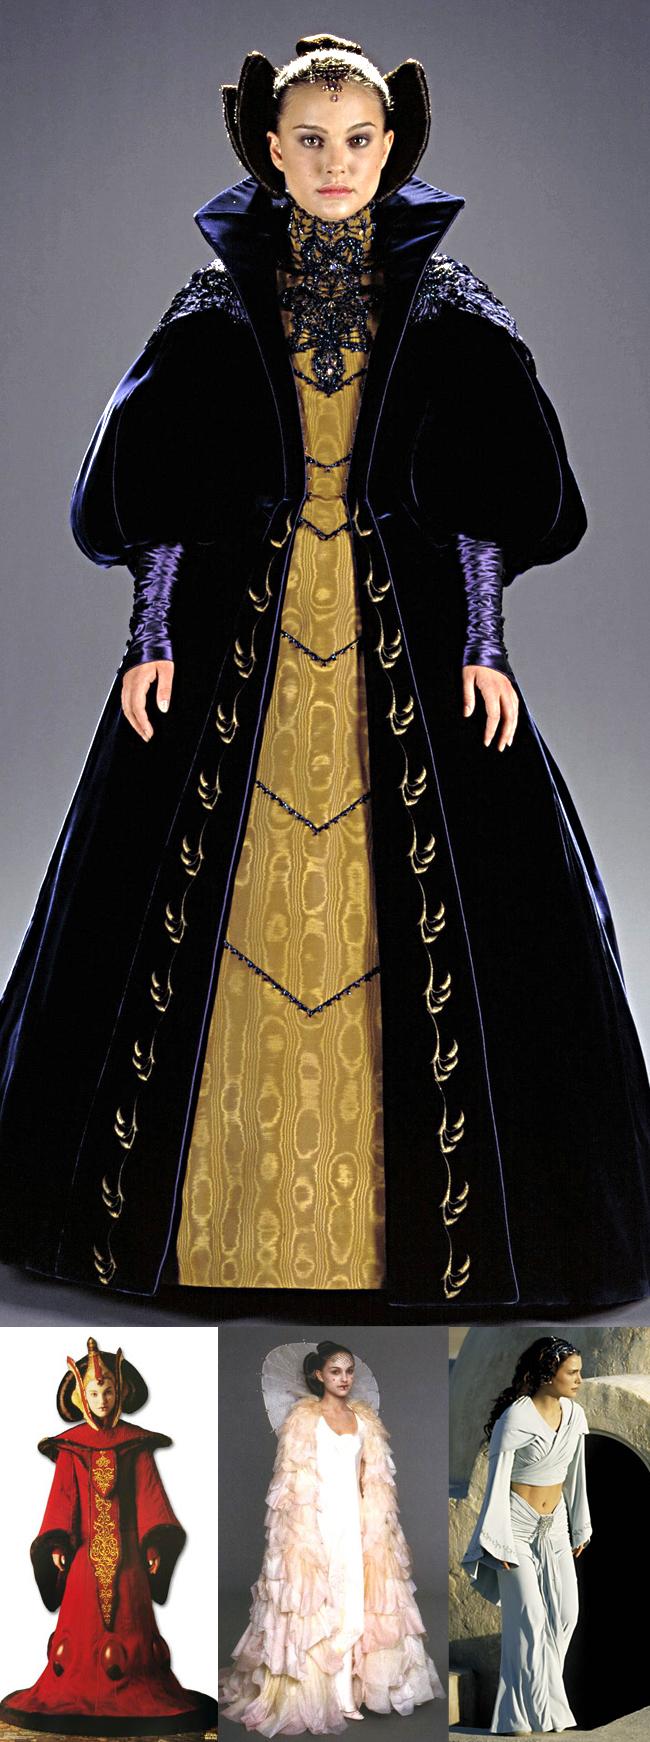 Leia-Princesa-Star-Wars-sexy-girl-pin-up-moda-concept-art-bikini-vestuarios